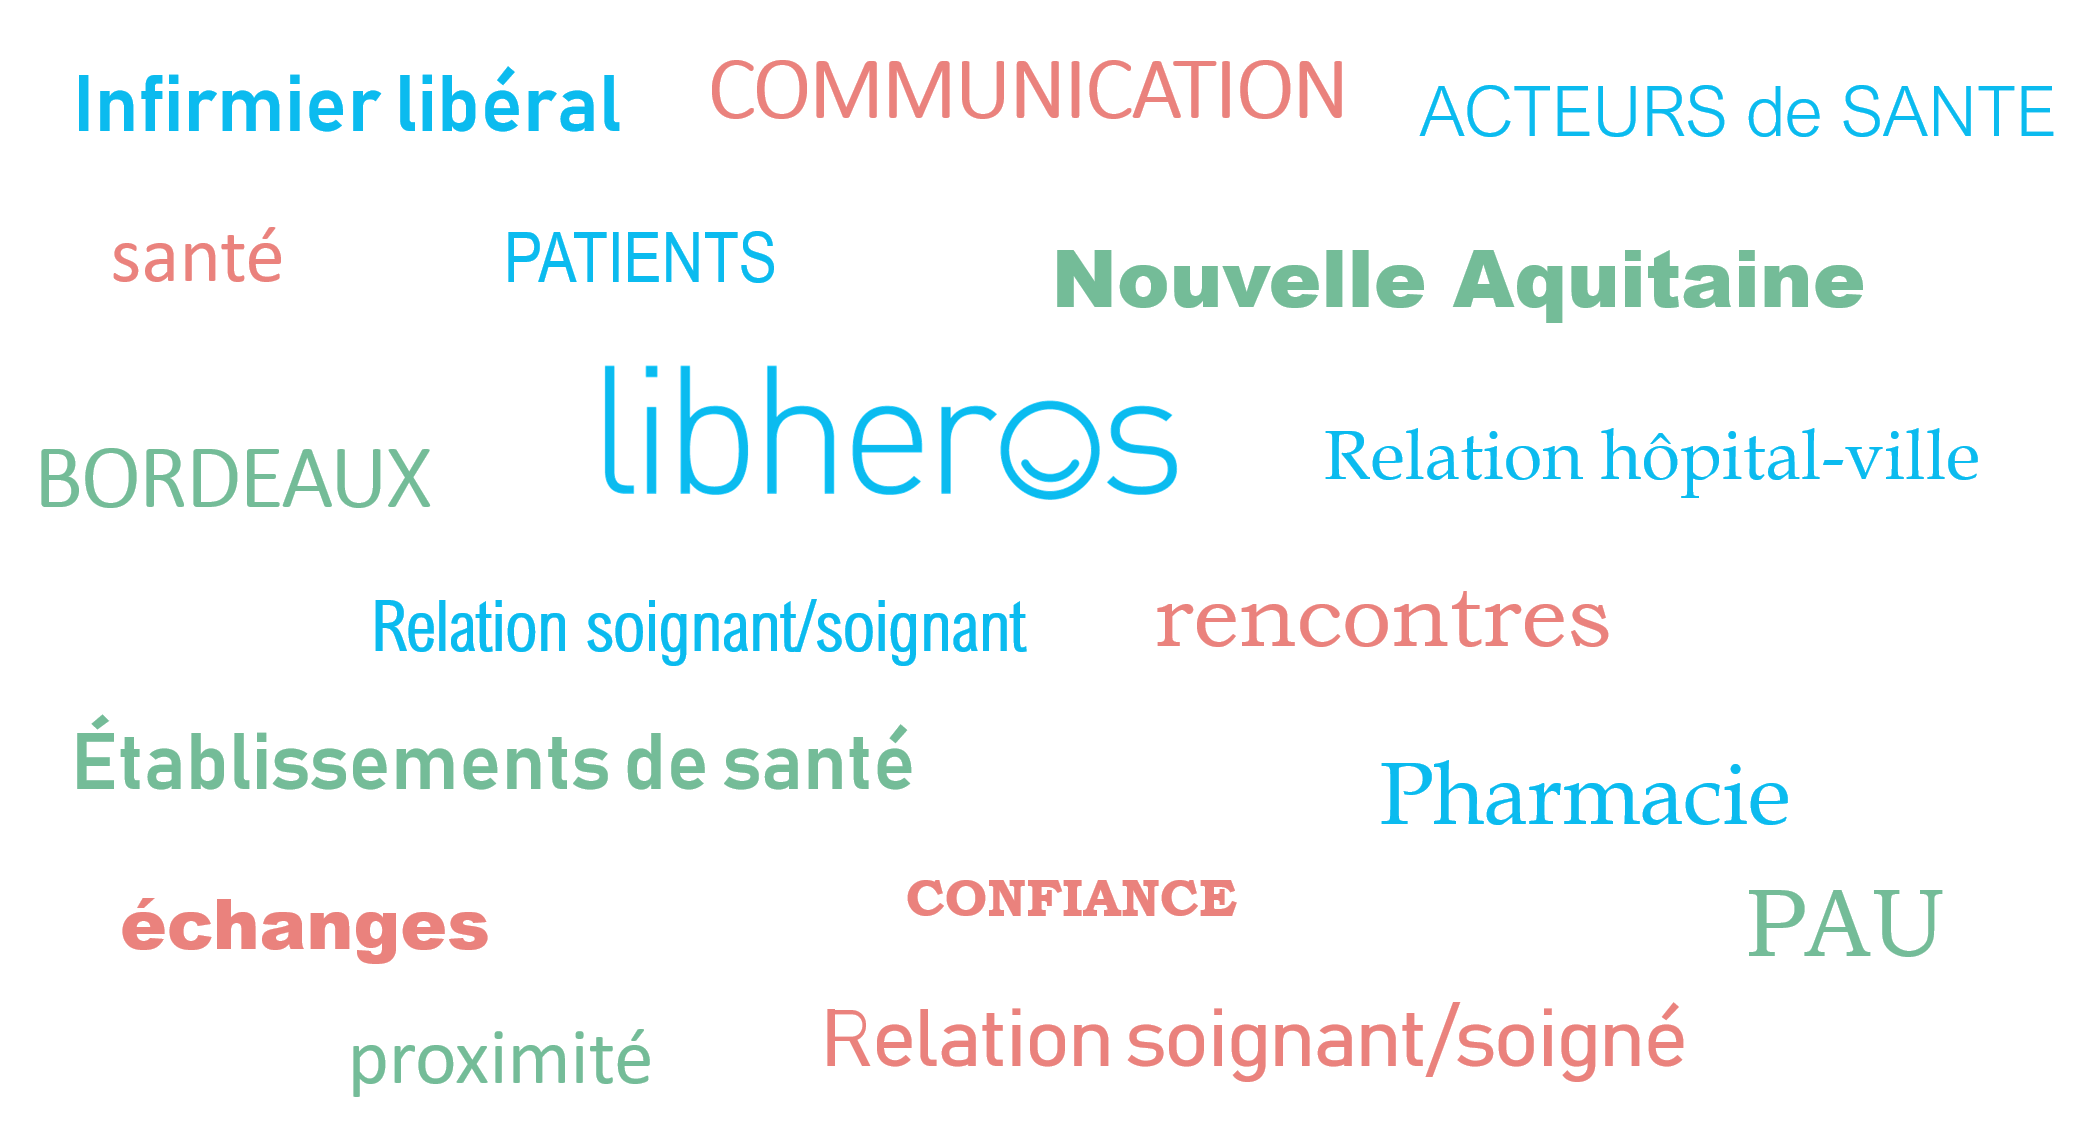 Zoom sur l'écosystème de santé en Nouvelle Aquitaine